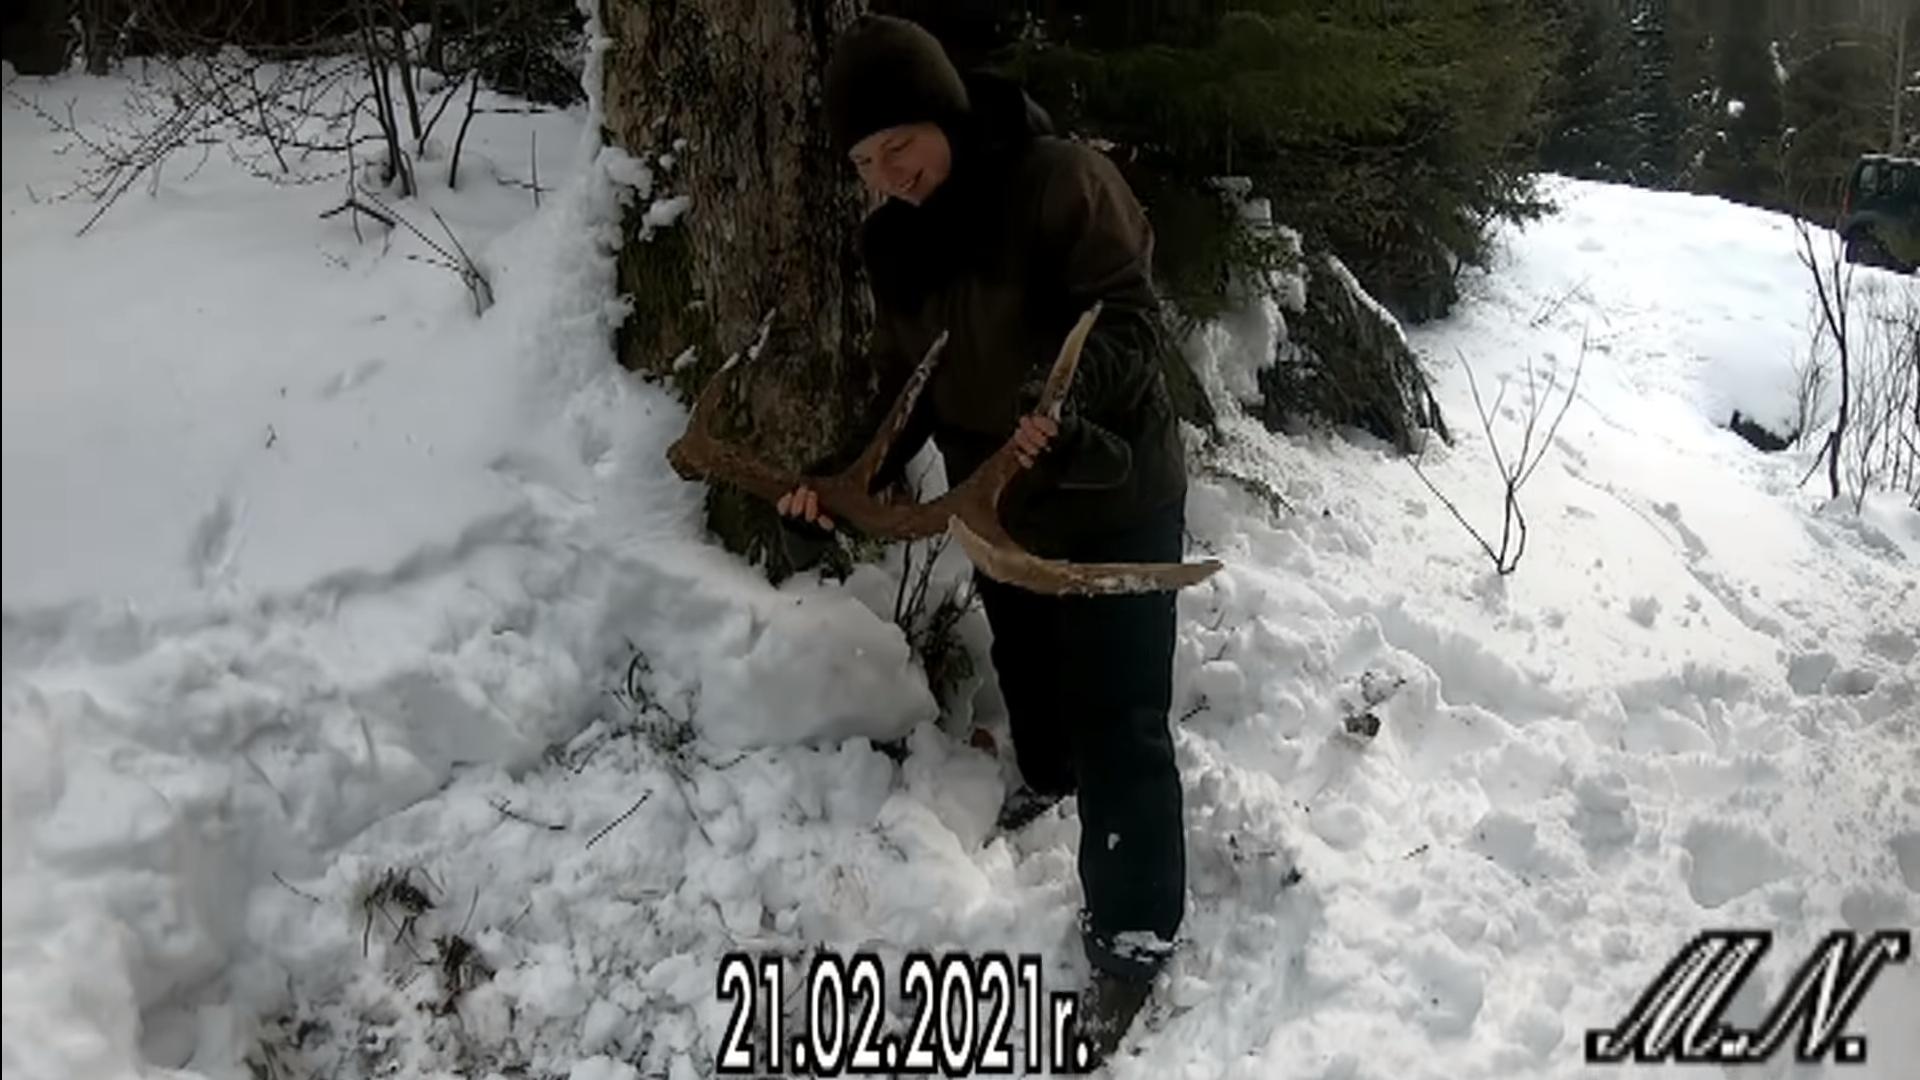 Znalazła w Bieszczadach 3 kg poroże jelenia. Zobacz nagranie - Zdjęcie główne